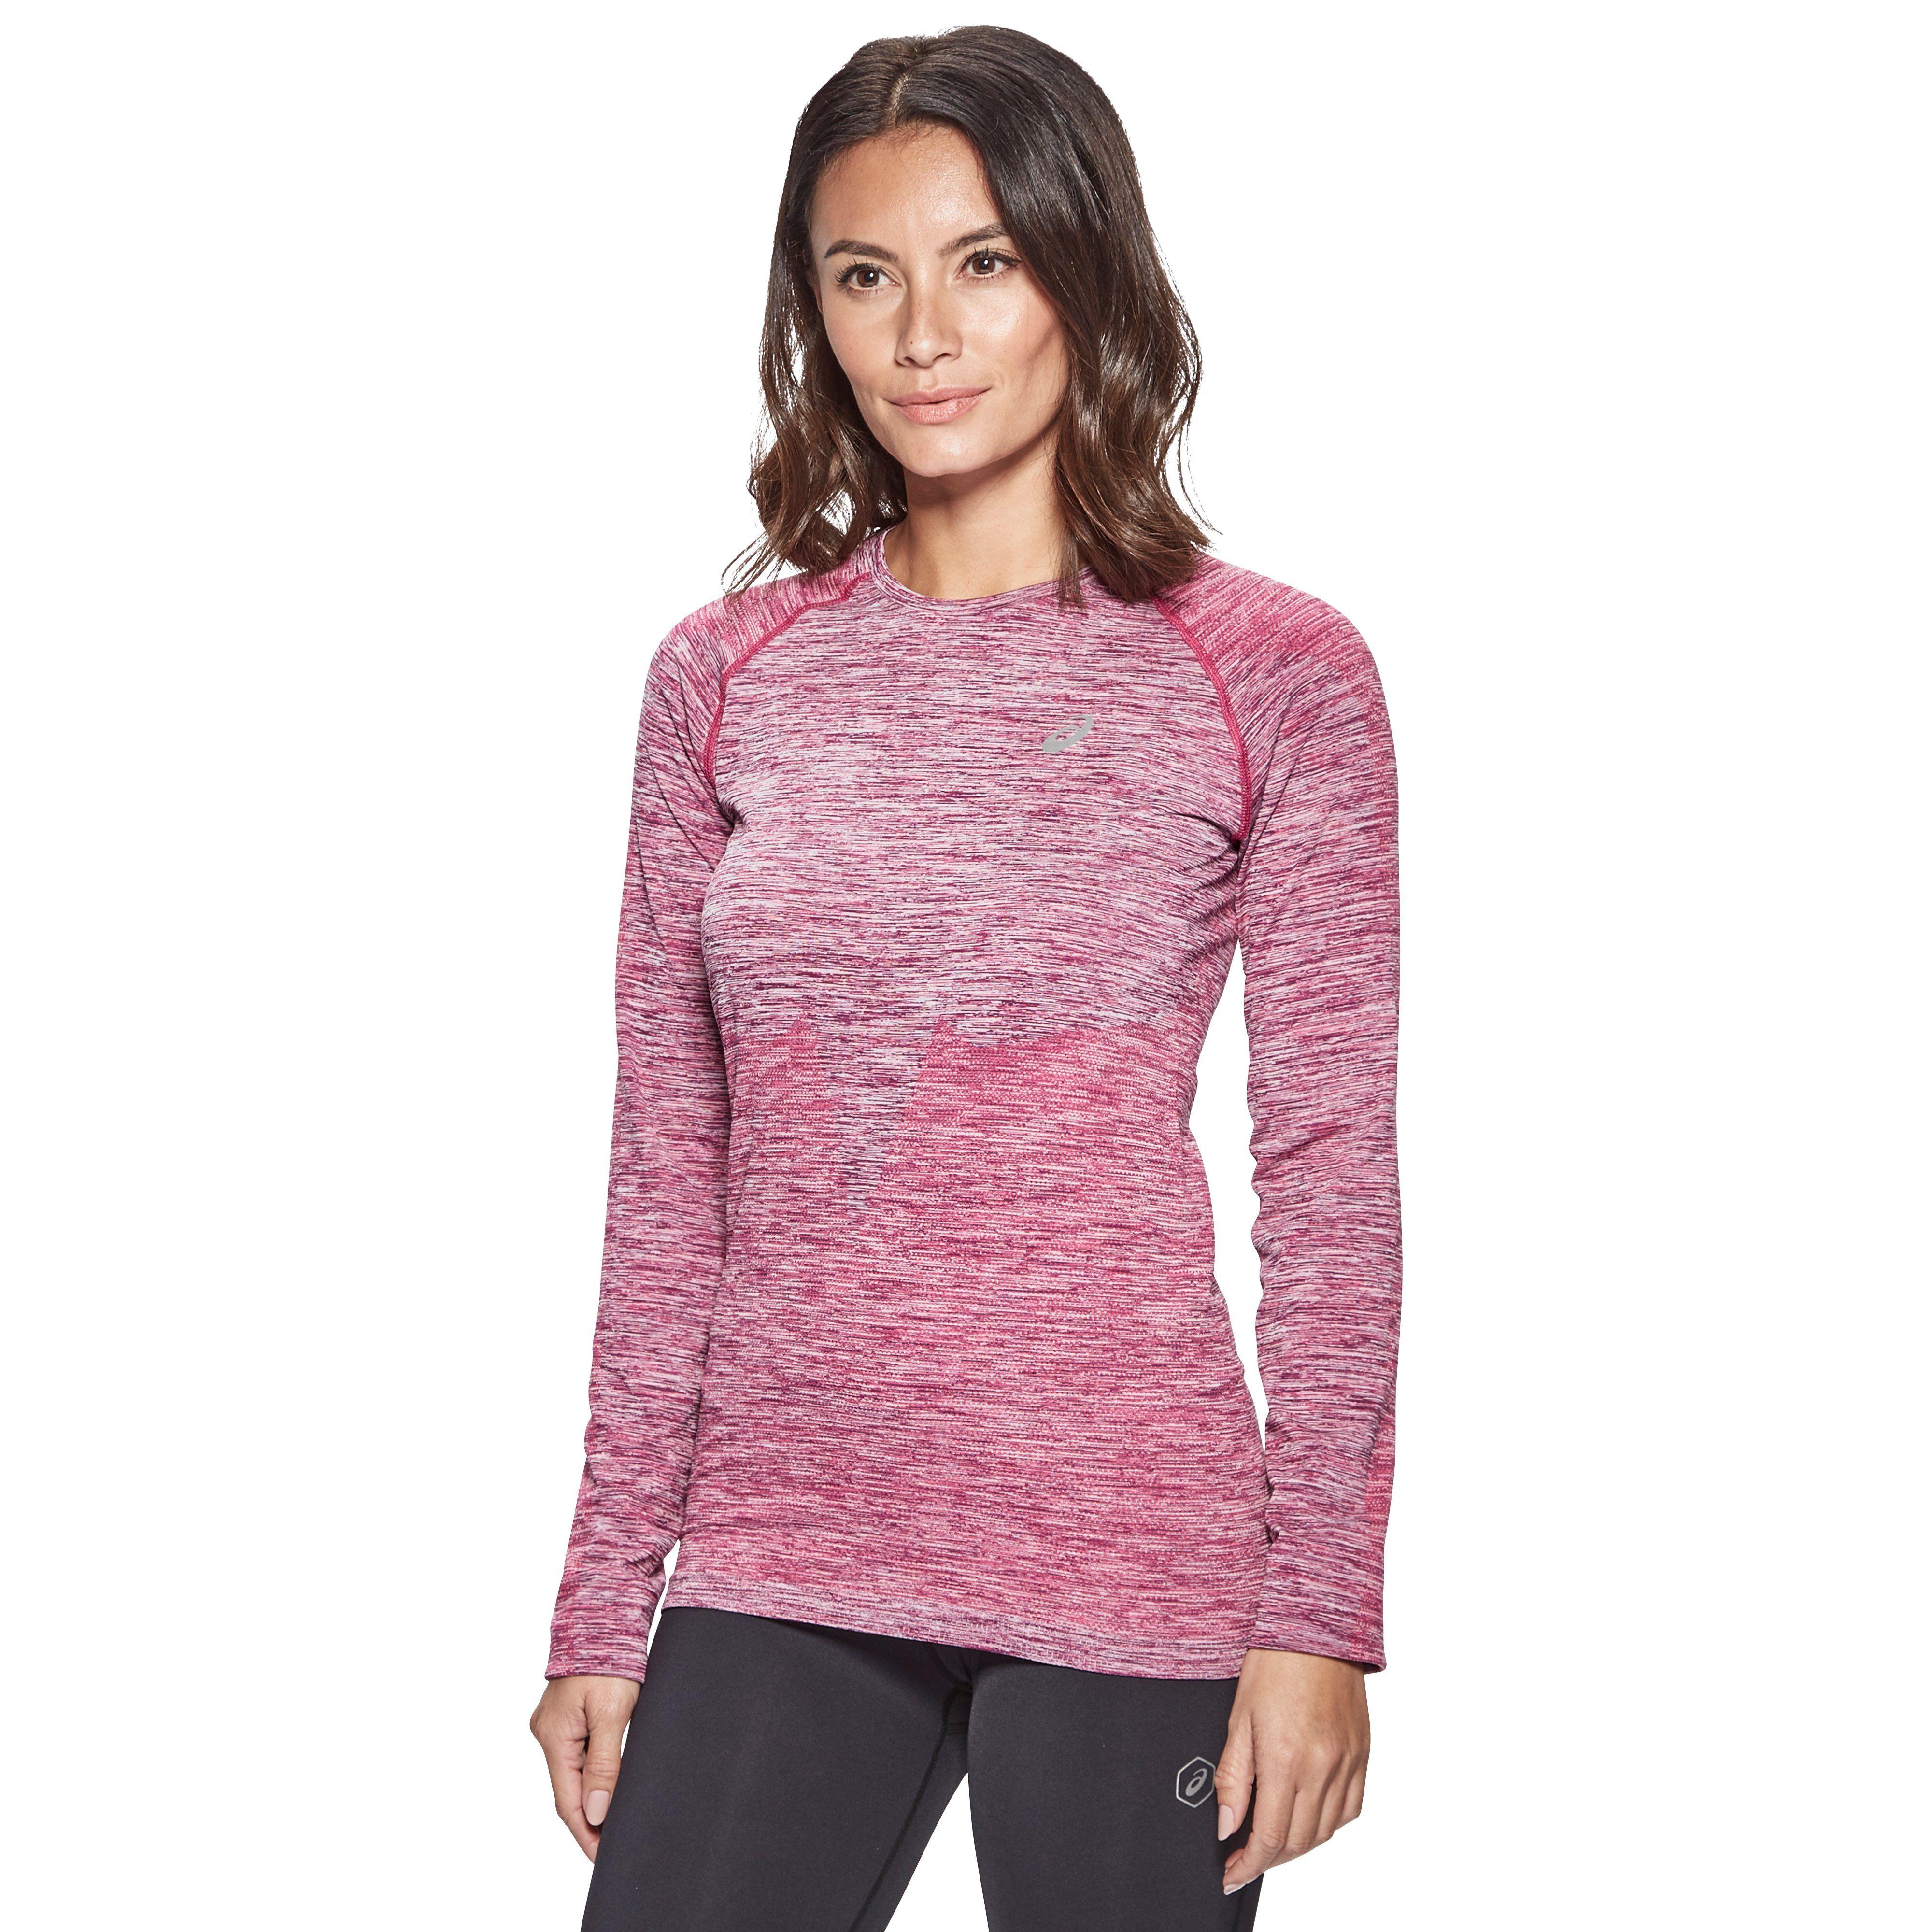 ASICS Seamless Women's Long Sleeve Running Top